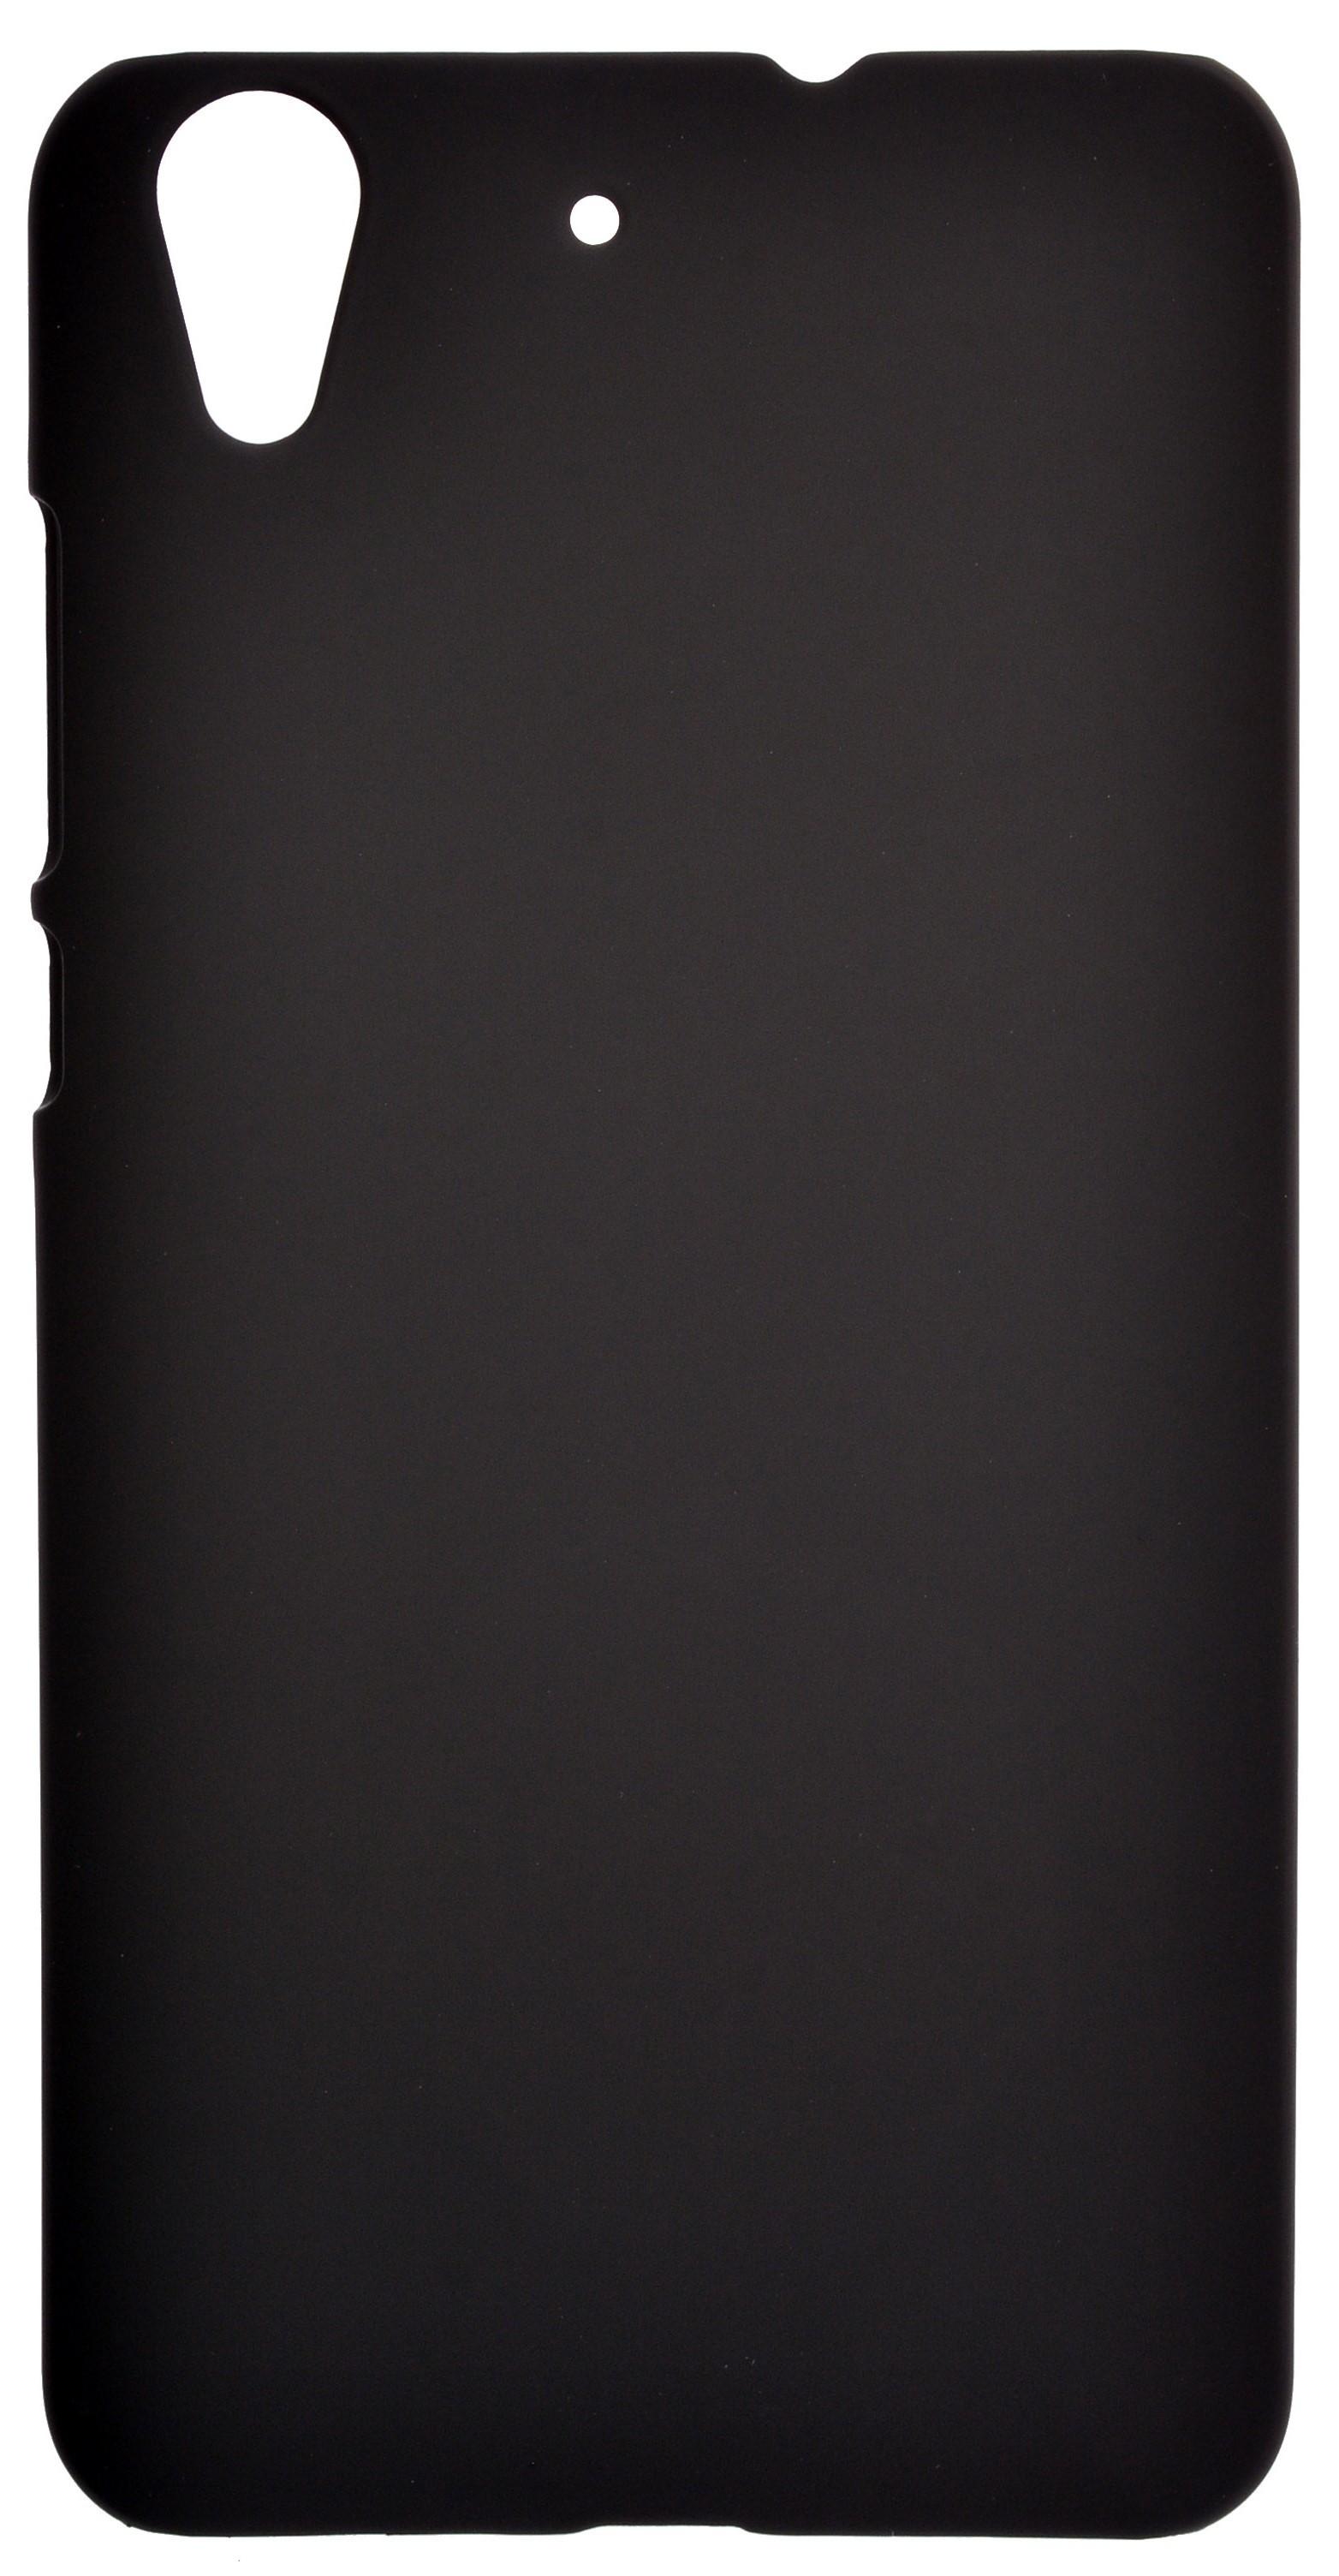 Фото - Чехол для сотового телефона skinBOX 4People, 4630042529120, черный чехол для сотового телефона skinbox 4people 4660041407501 черный